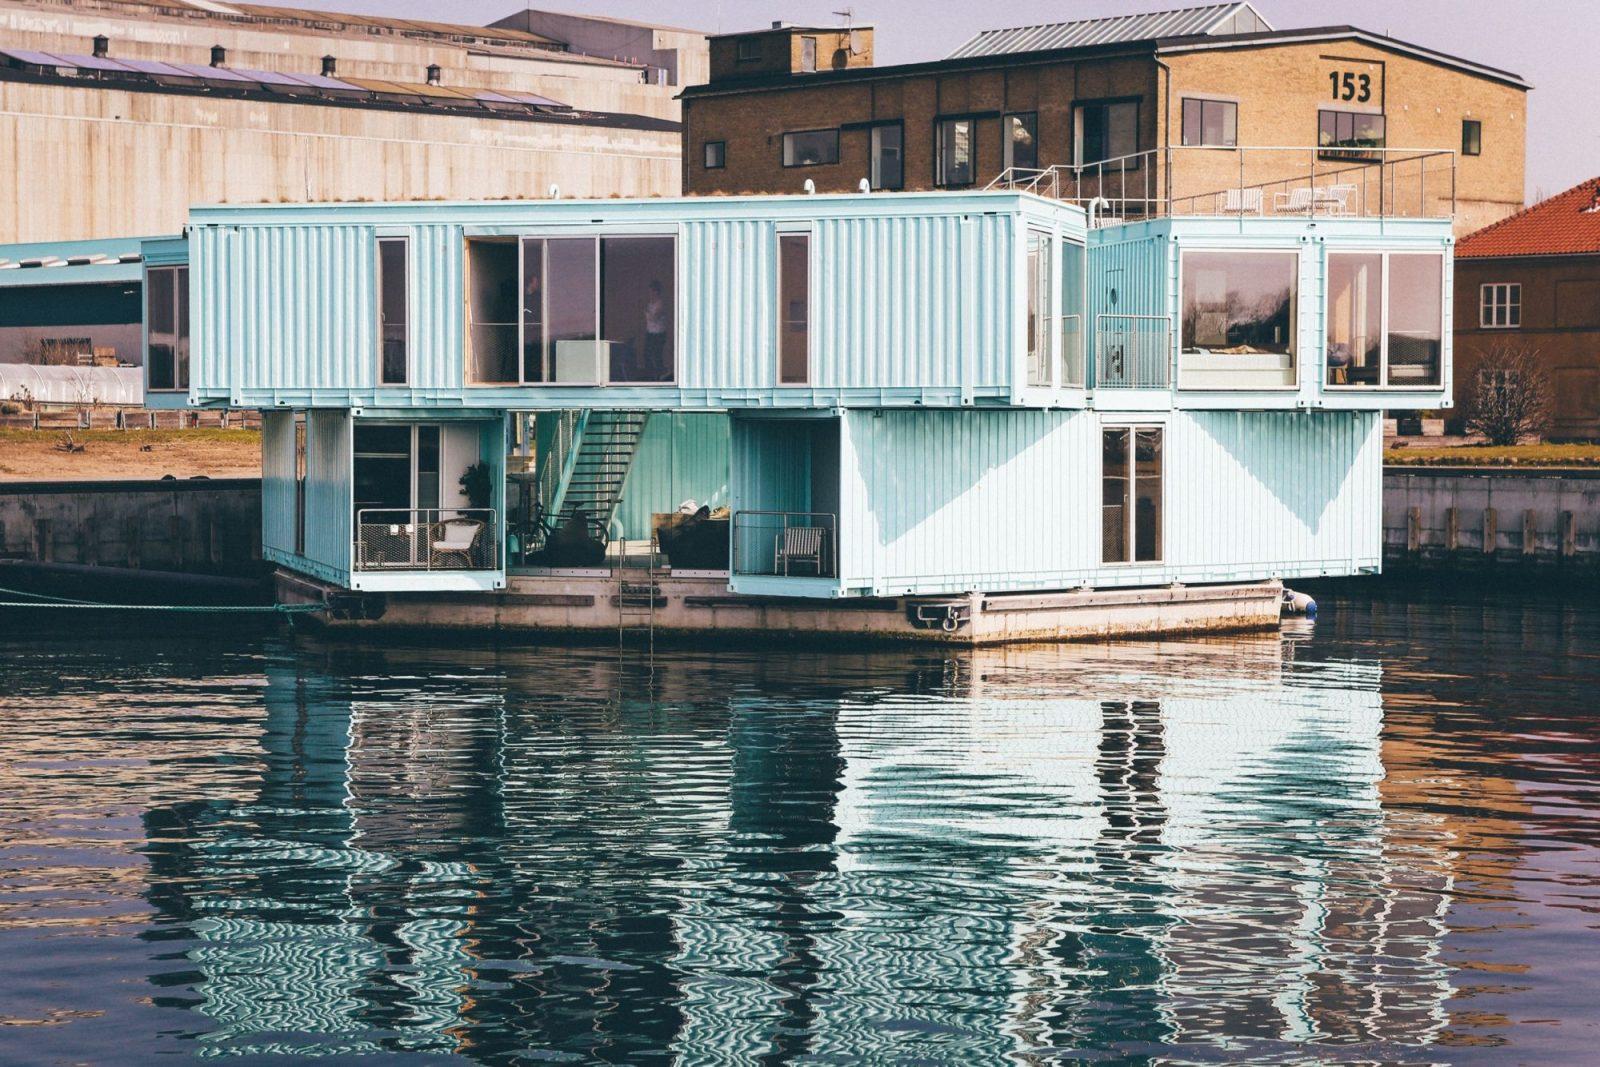 Das Leben In Einem Containerhaus  Projekt Promotion von Containerhaus In Deutschland Erlaubt Bild